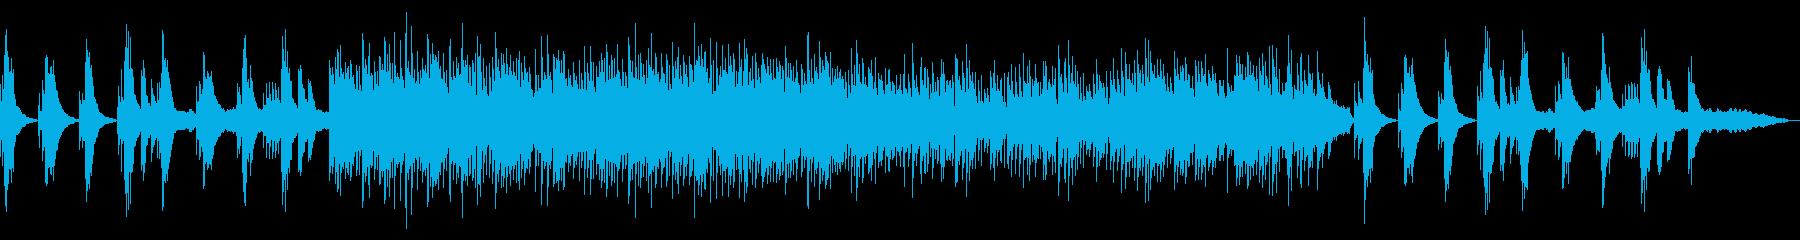 退廃的な雰囲気のBGMの再生済みの波形